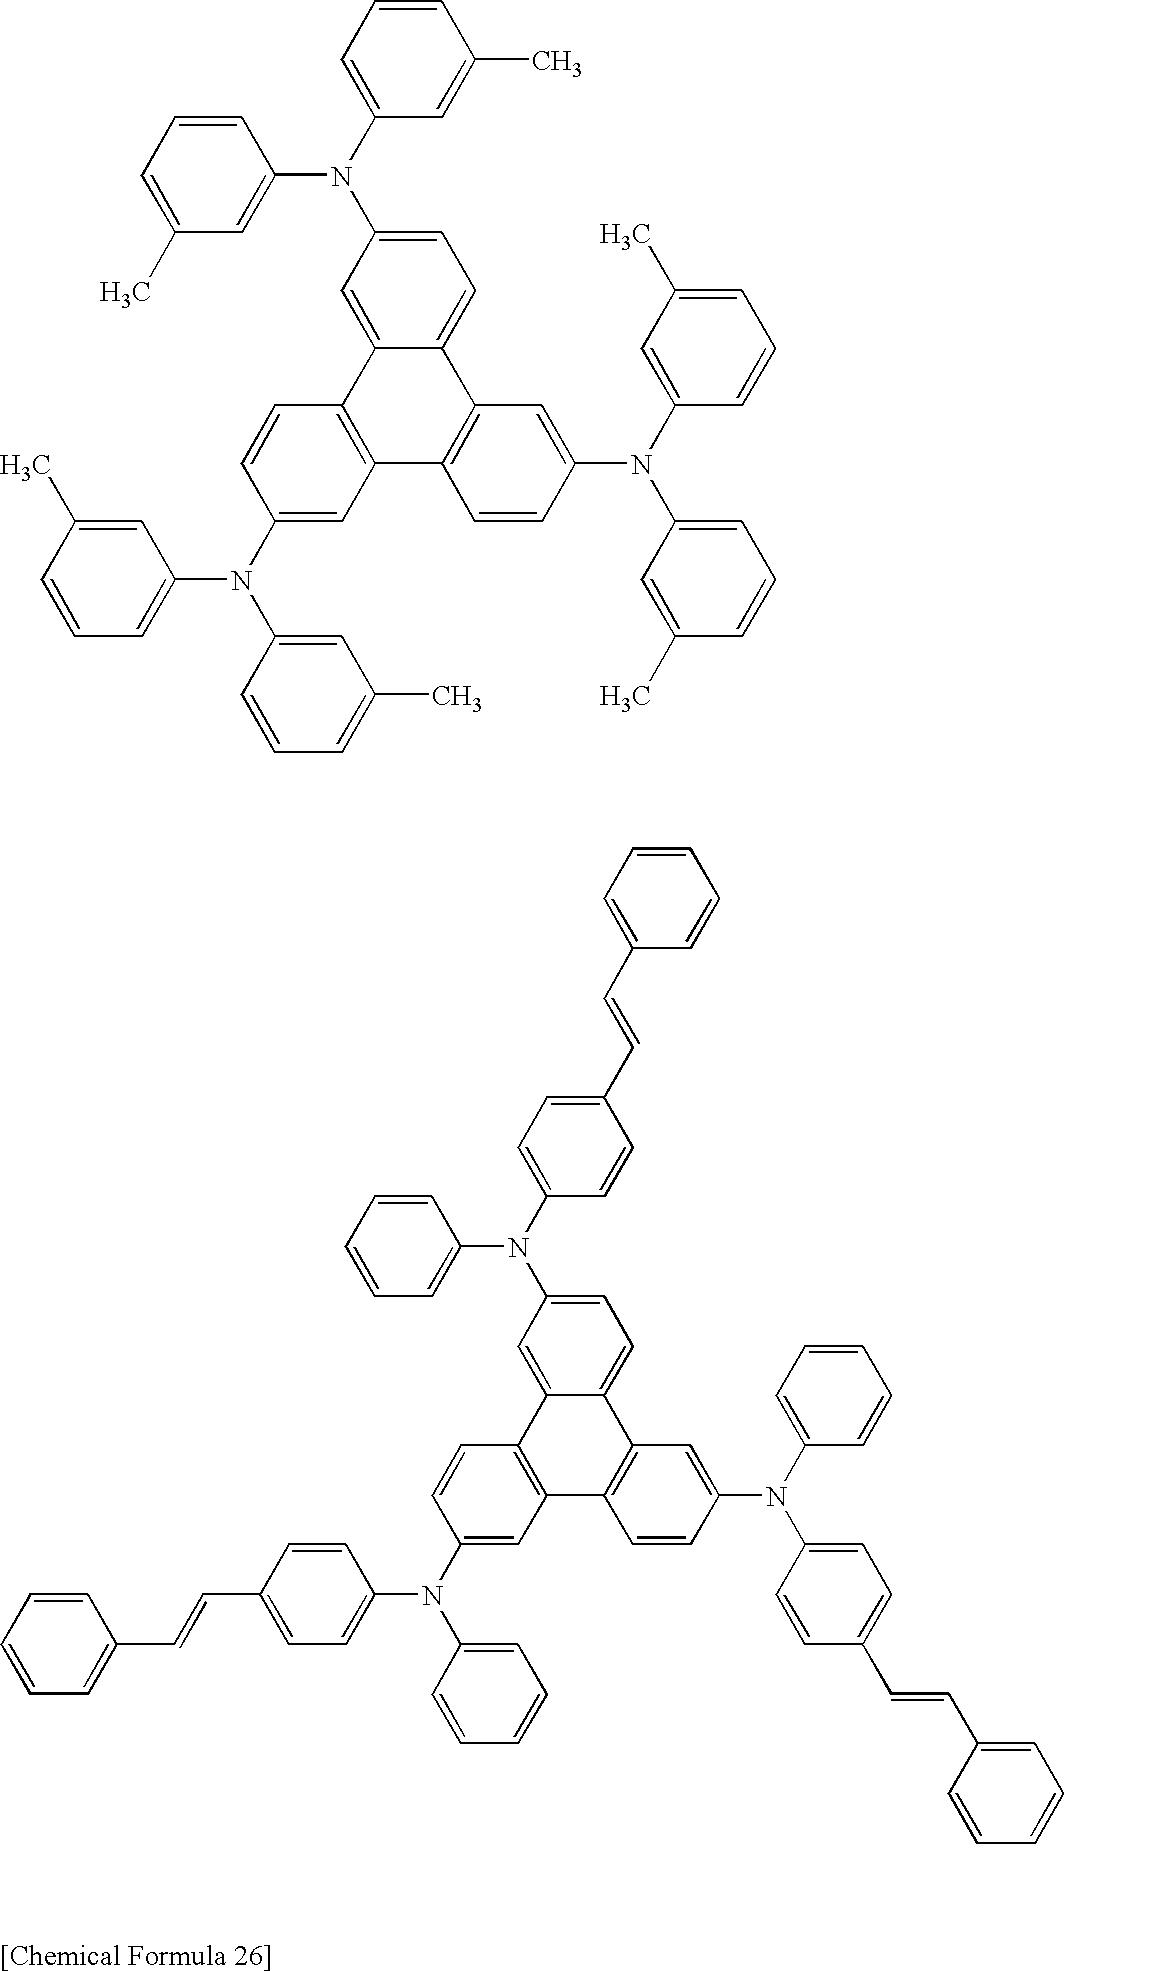 Figure US20100171109A1-20100708-C00040